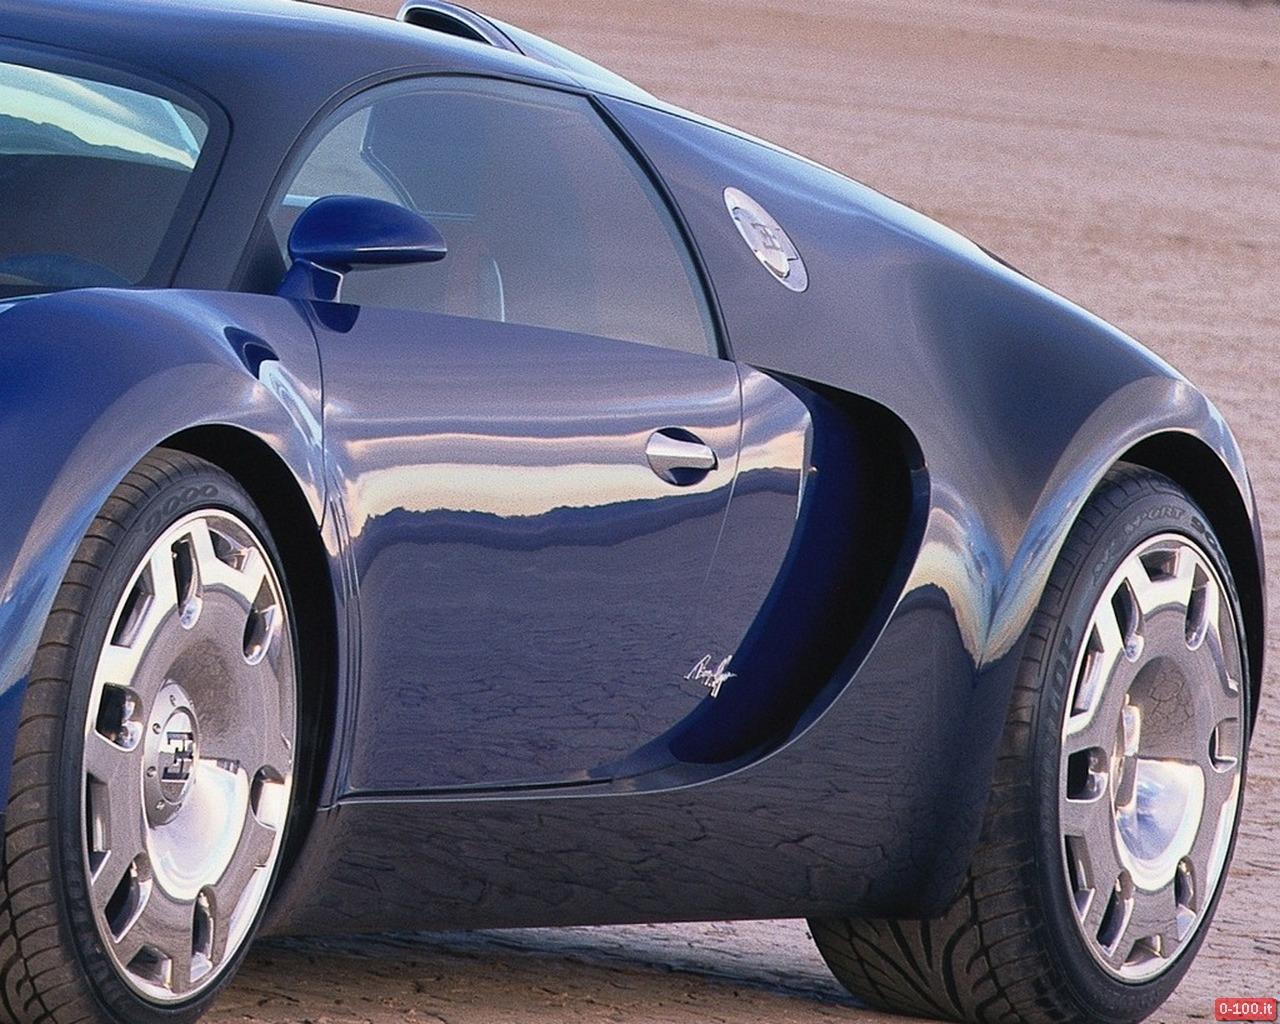 bugatti-eb-18-4-veyron-tokio-1999-retromobile-2014-0-100_9